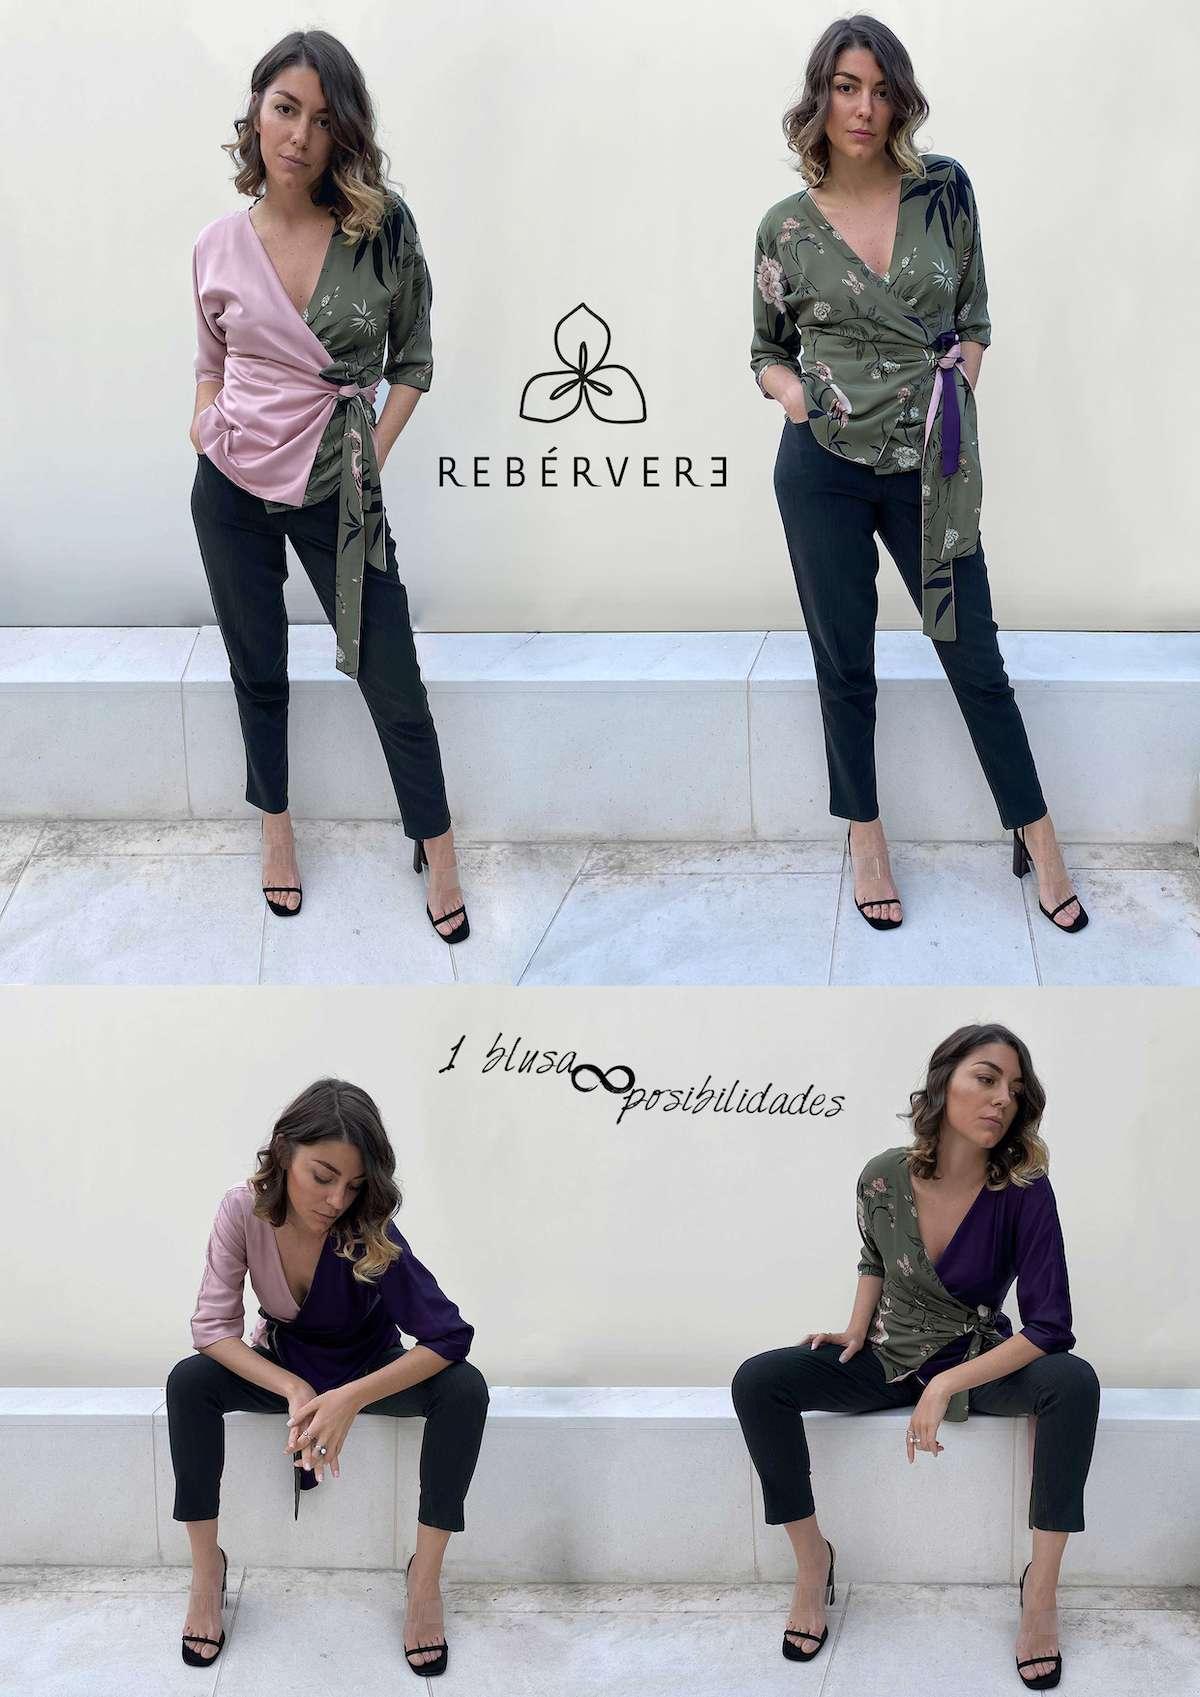 Moda reversible y sostenible